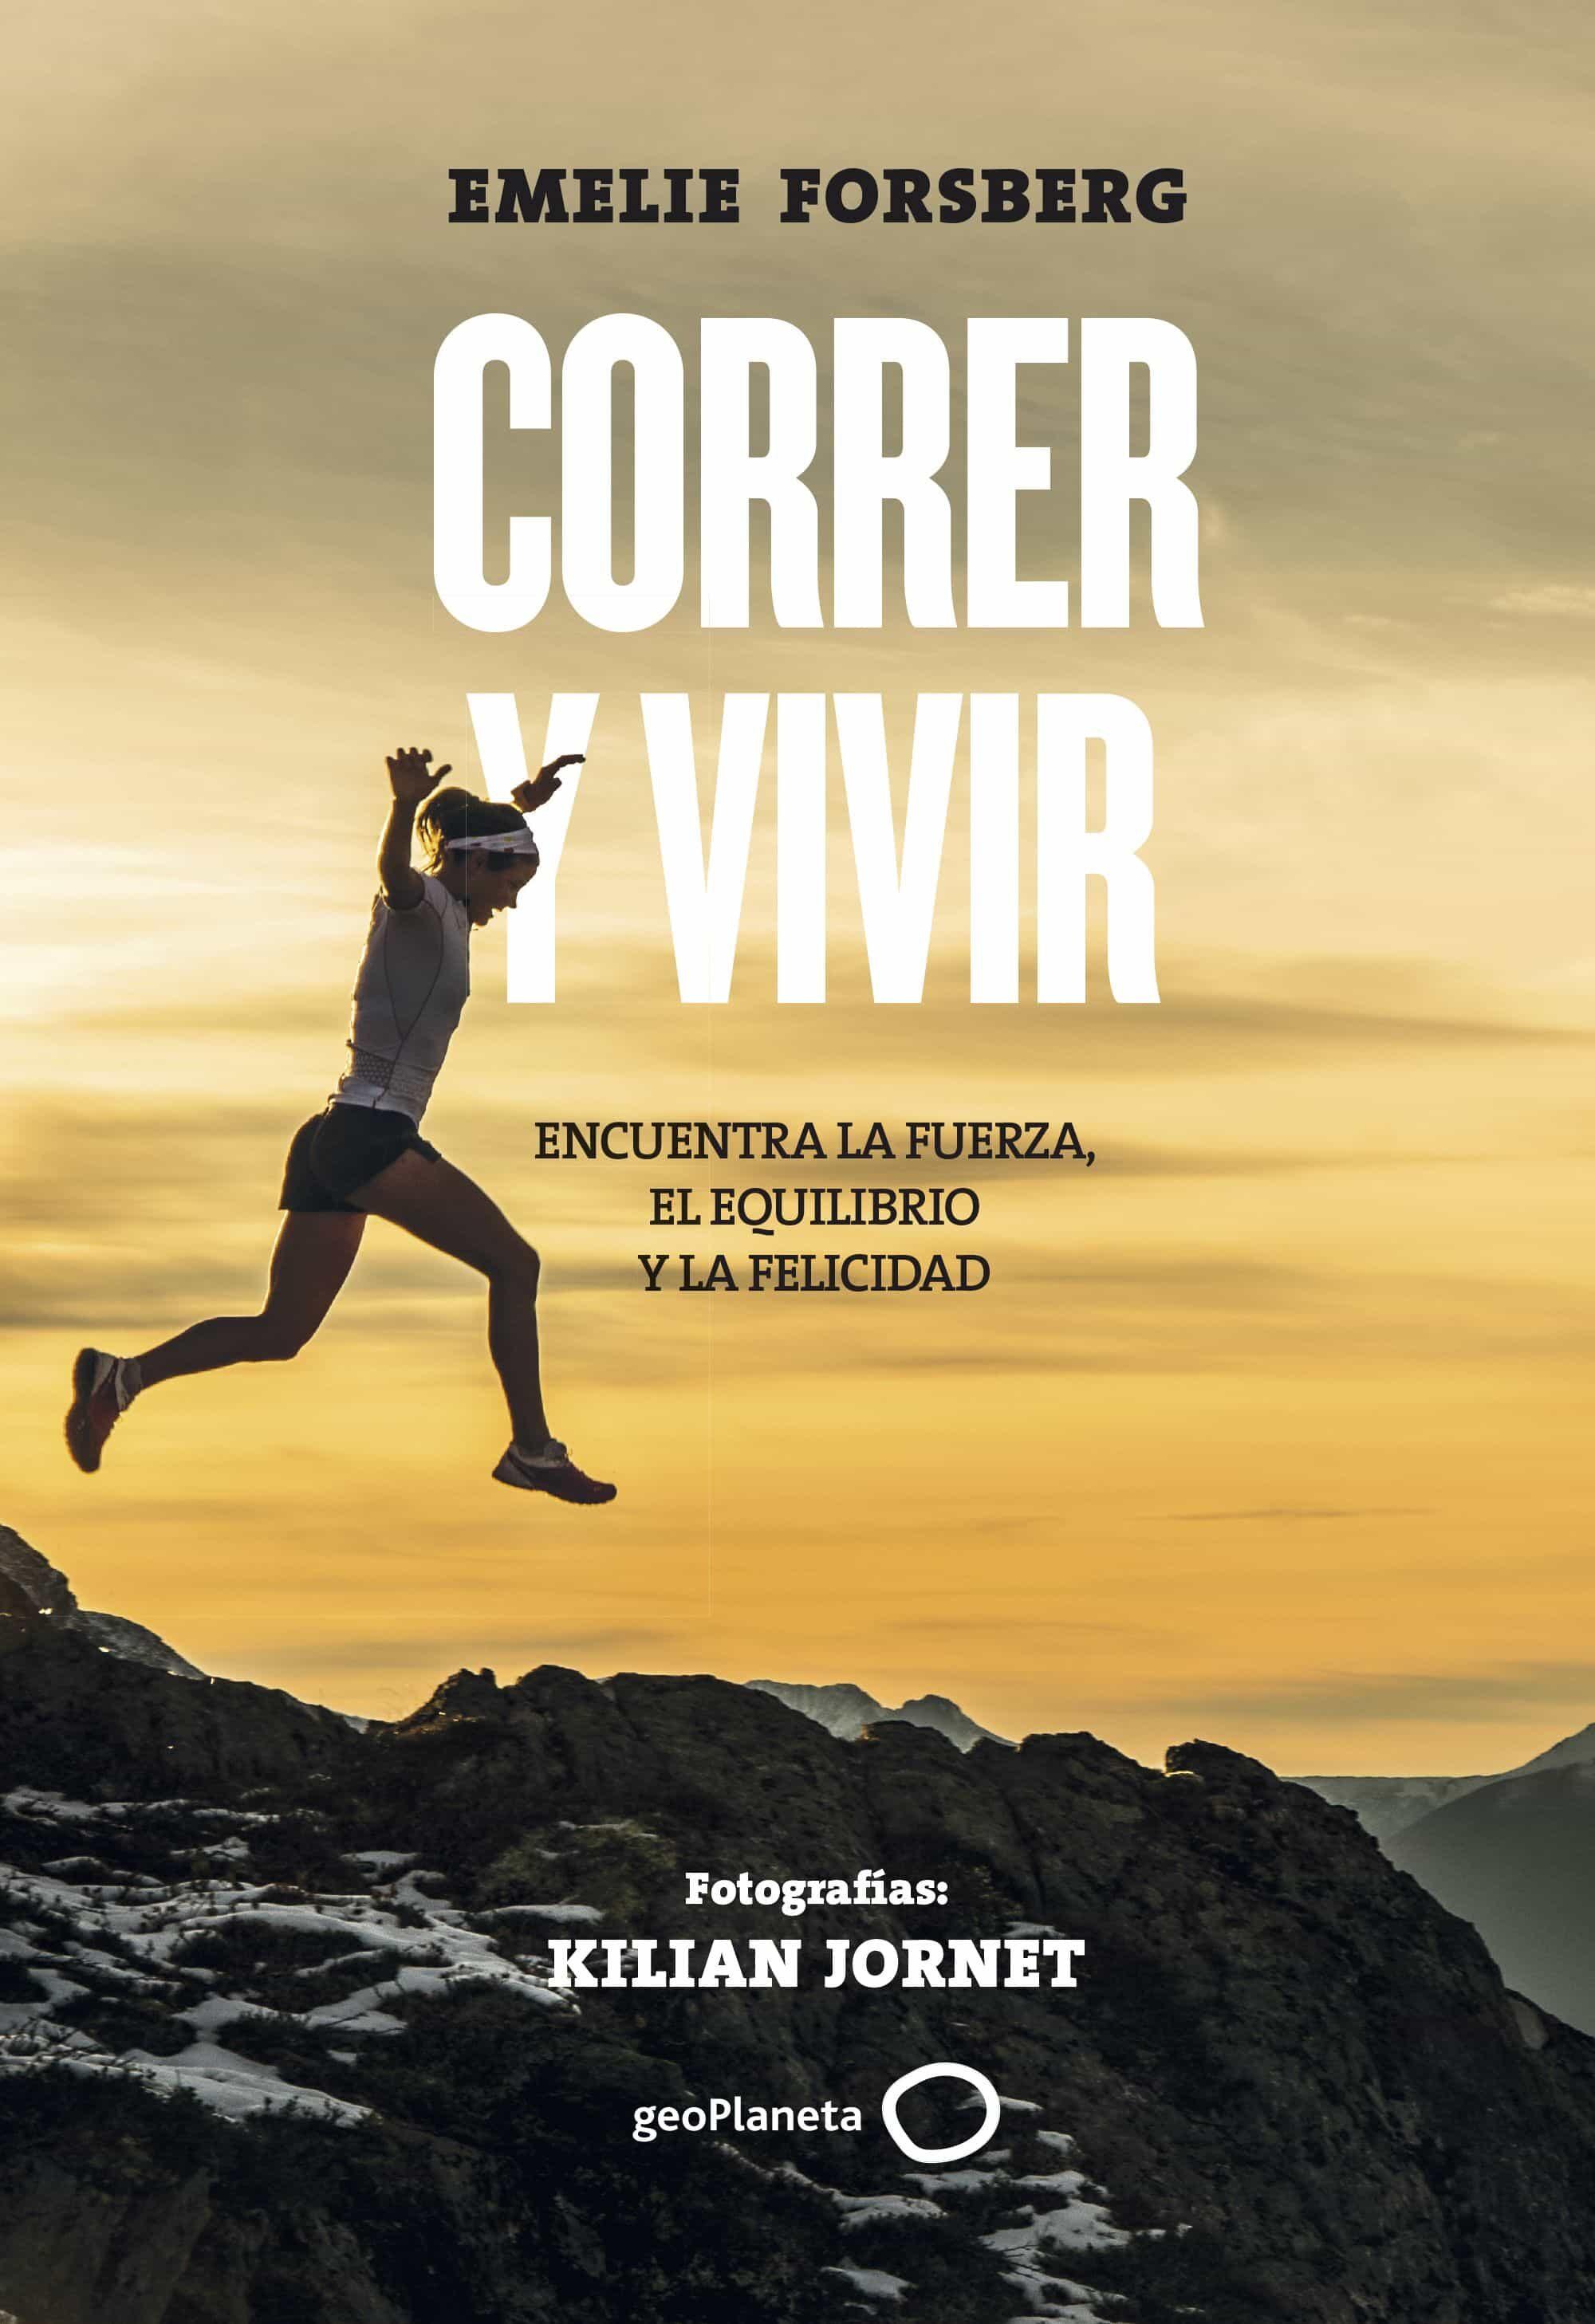 Correr Y Vivir por Emelie Forsberg